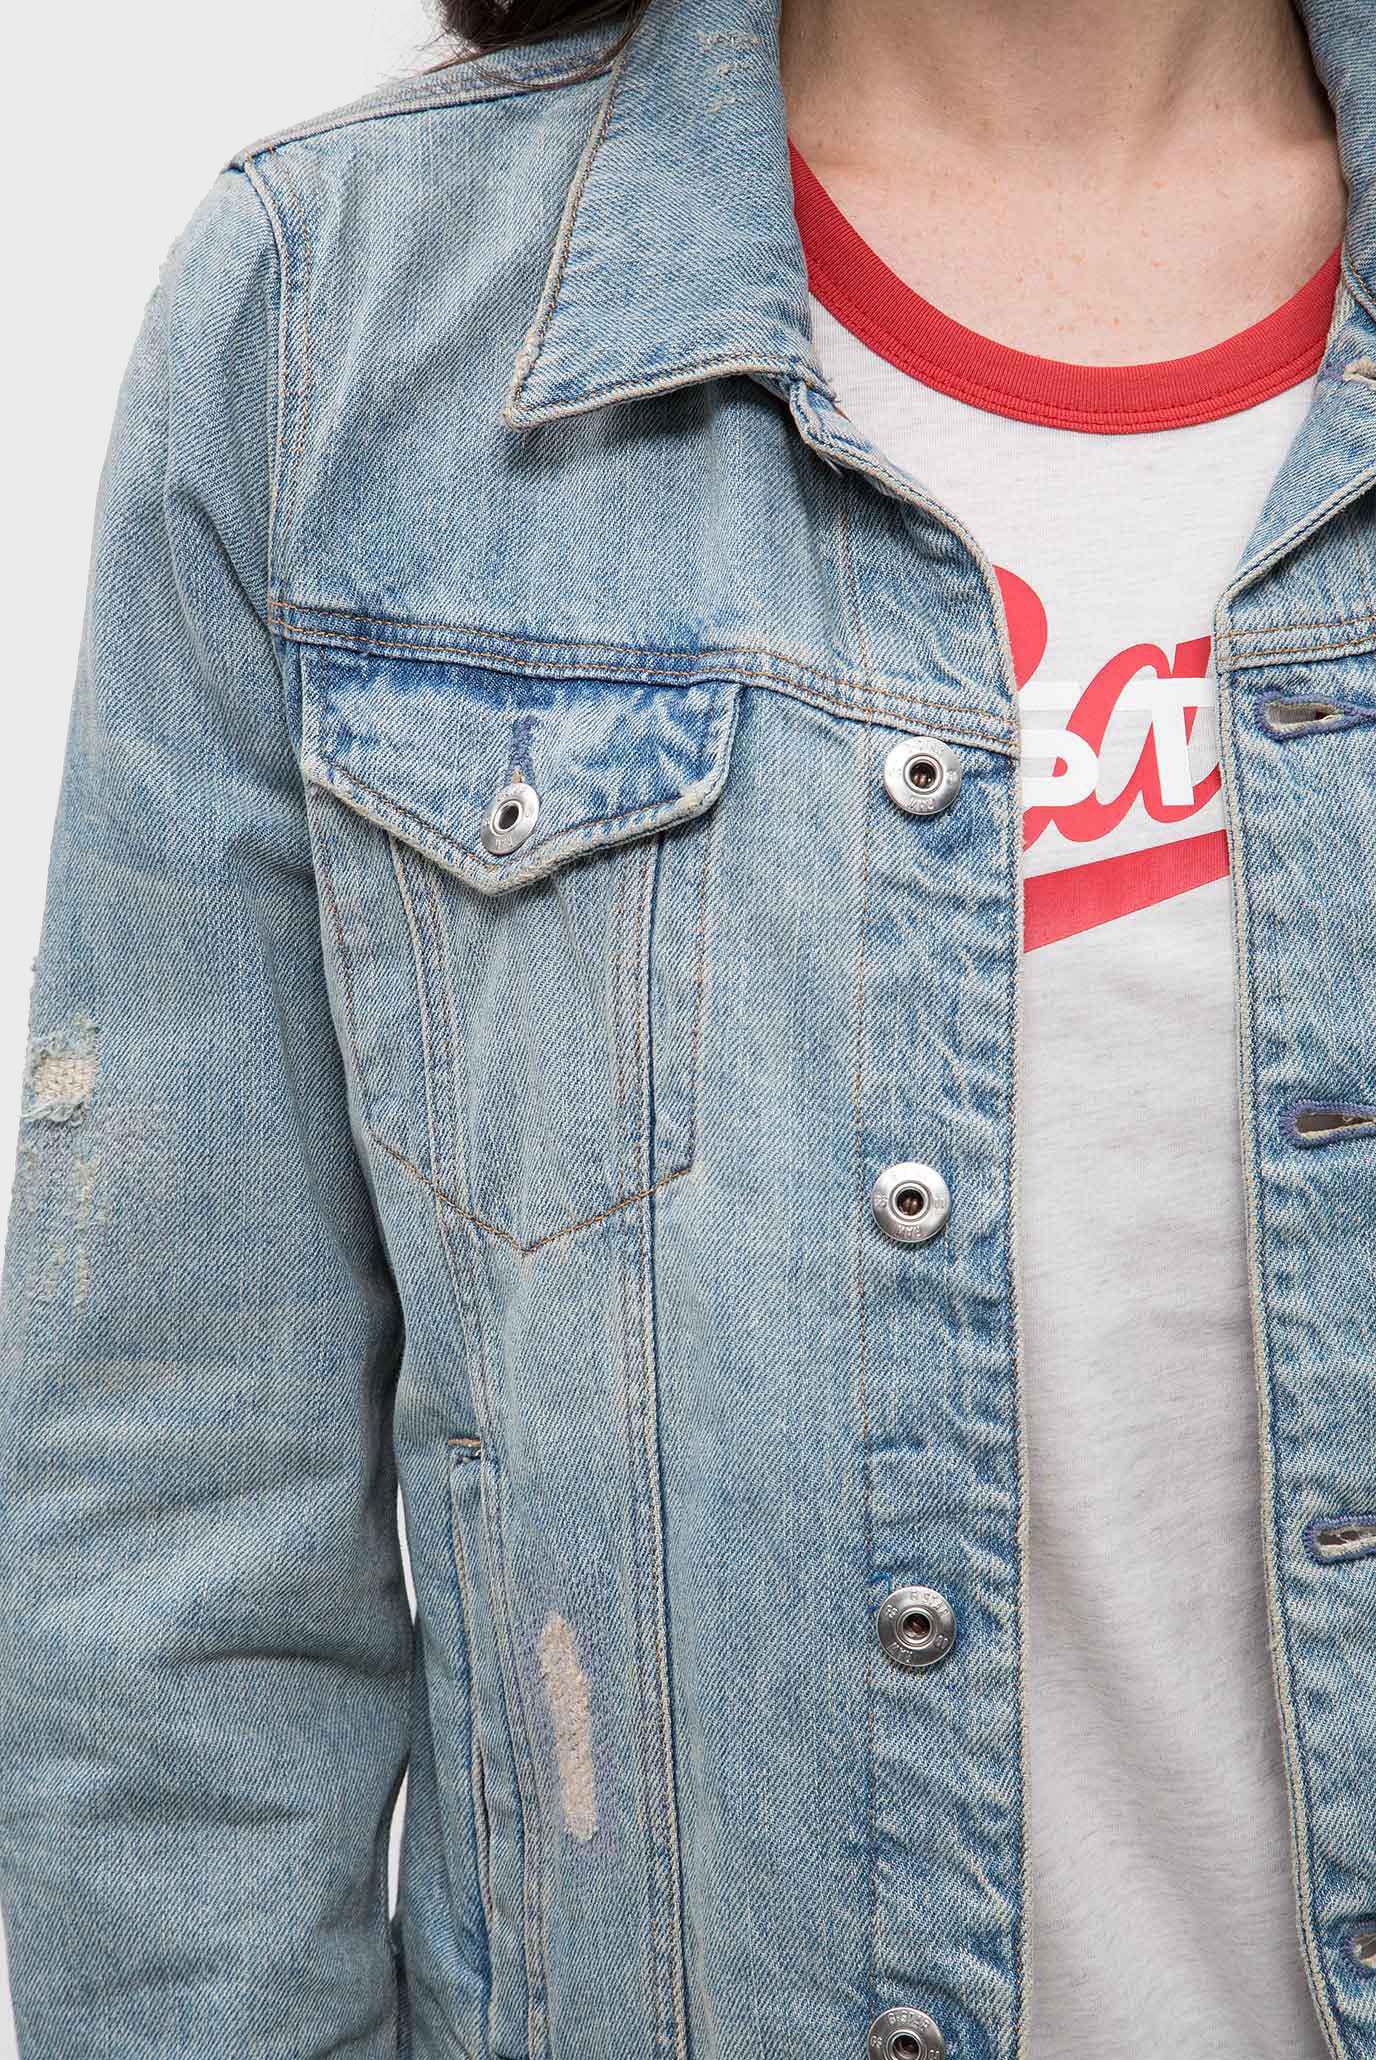 Купить Женская голубая джинсовая куртка 3301 jacket G-Star RAW G-Star RAW D10117,8973 – Киев, Украина. Цены в интернет магазине MD Fashion